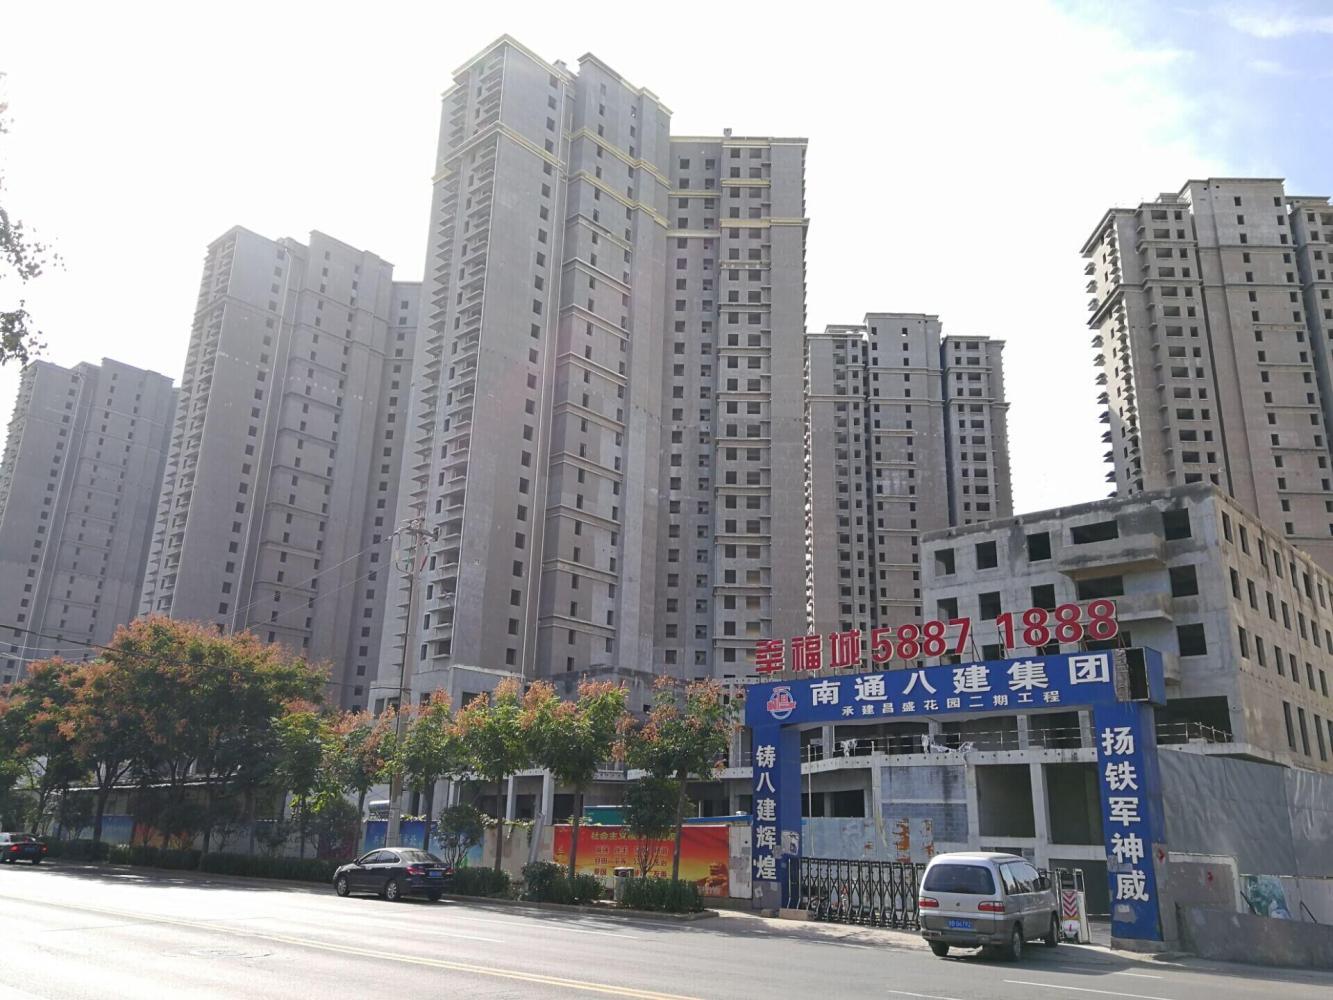 烂尾三年, 青岛国隆幸福城保障房项目迎来新东家